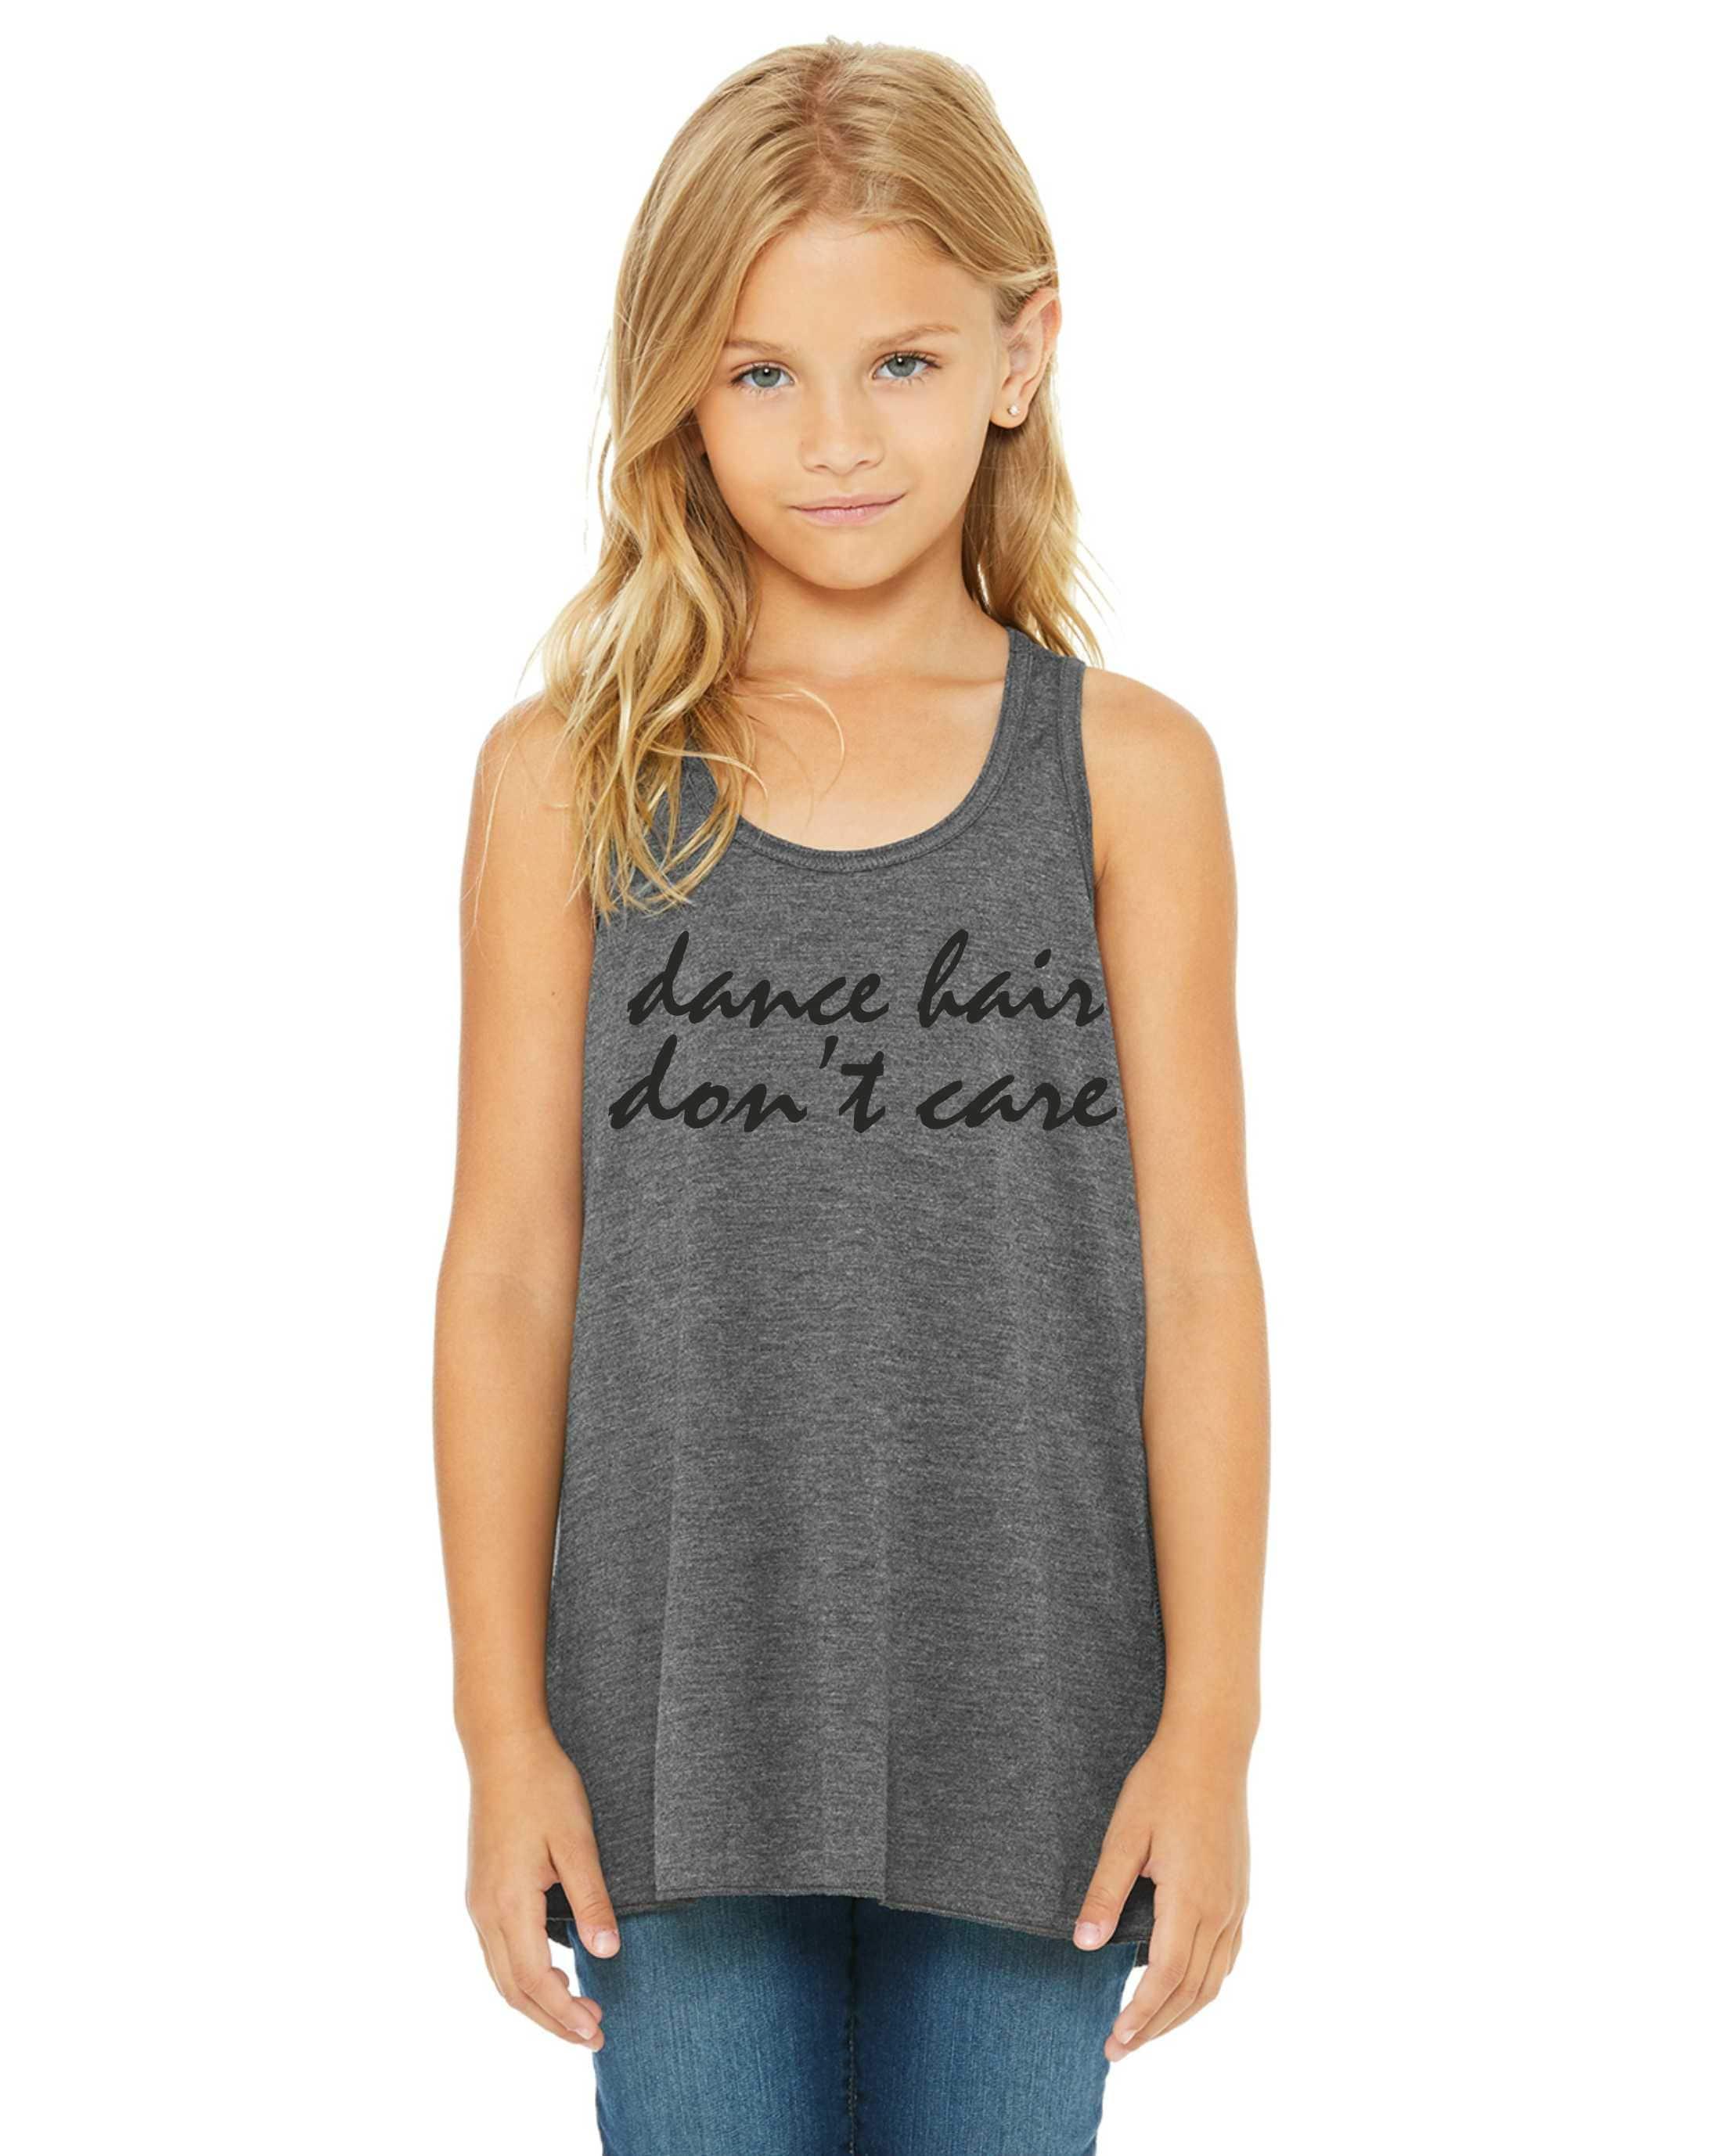 0f4fd9b5da8f83 dance hair don t care tank top   girls dance shirts   youth dance tshirt    dance tops   grey - black writing   small